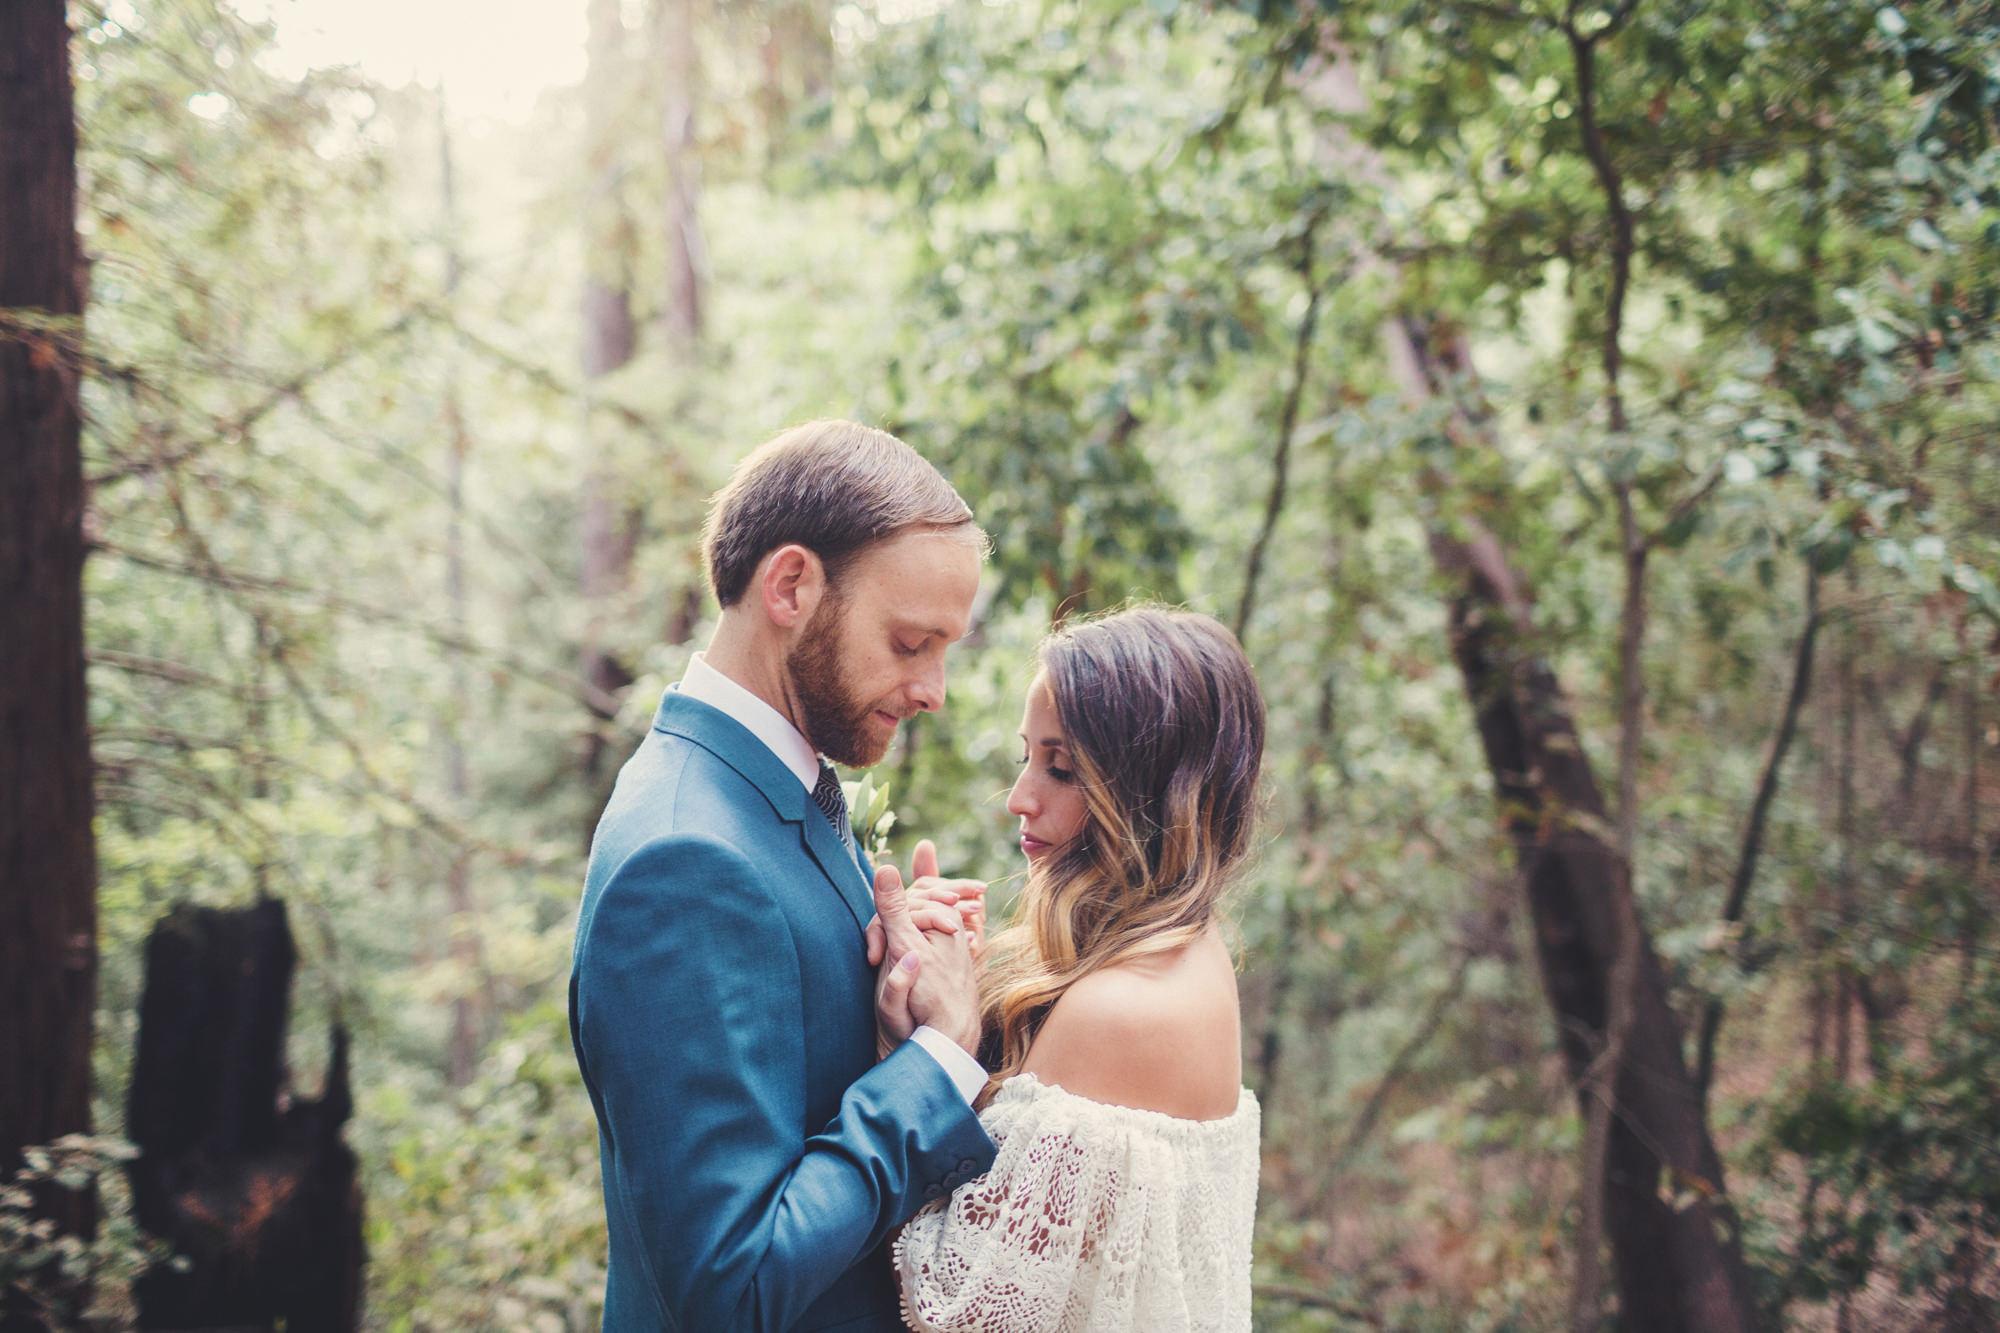 Sequoia Retreat Center Wedding@Anne-Claire Brun 124